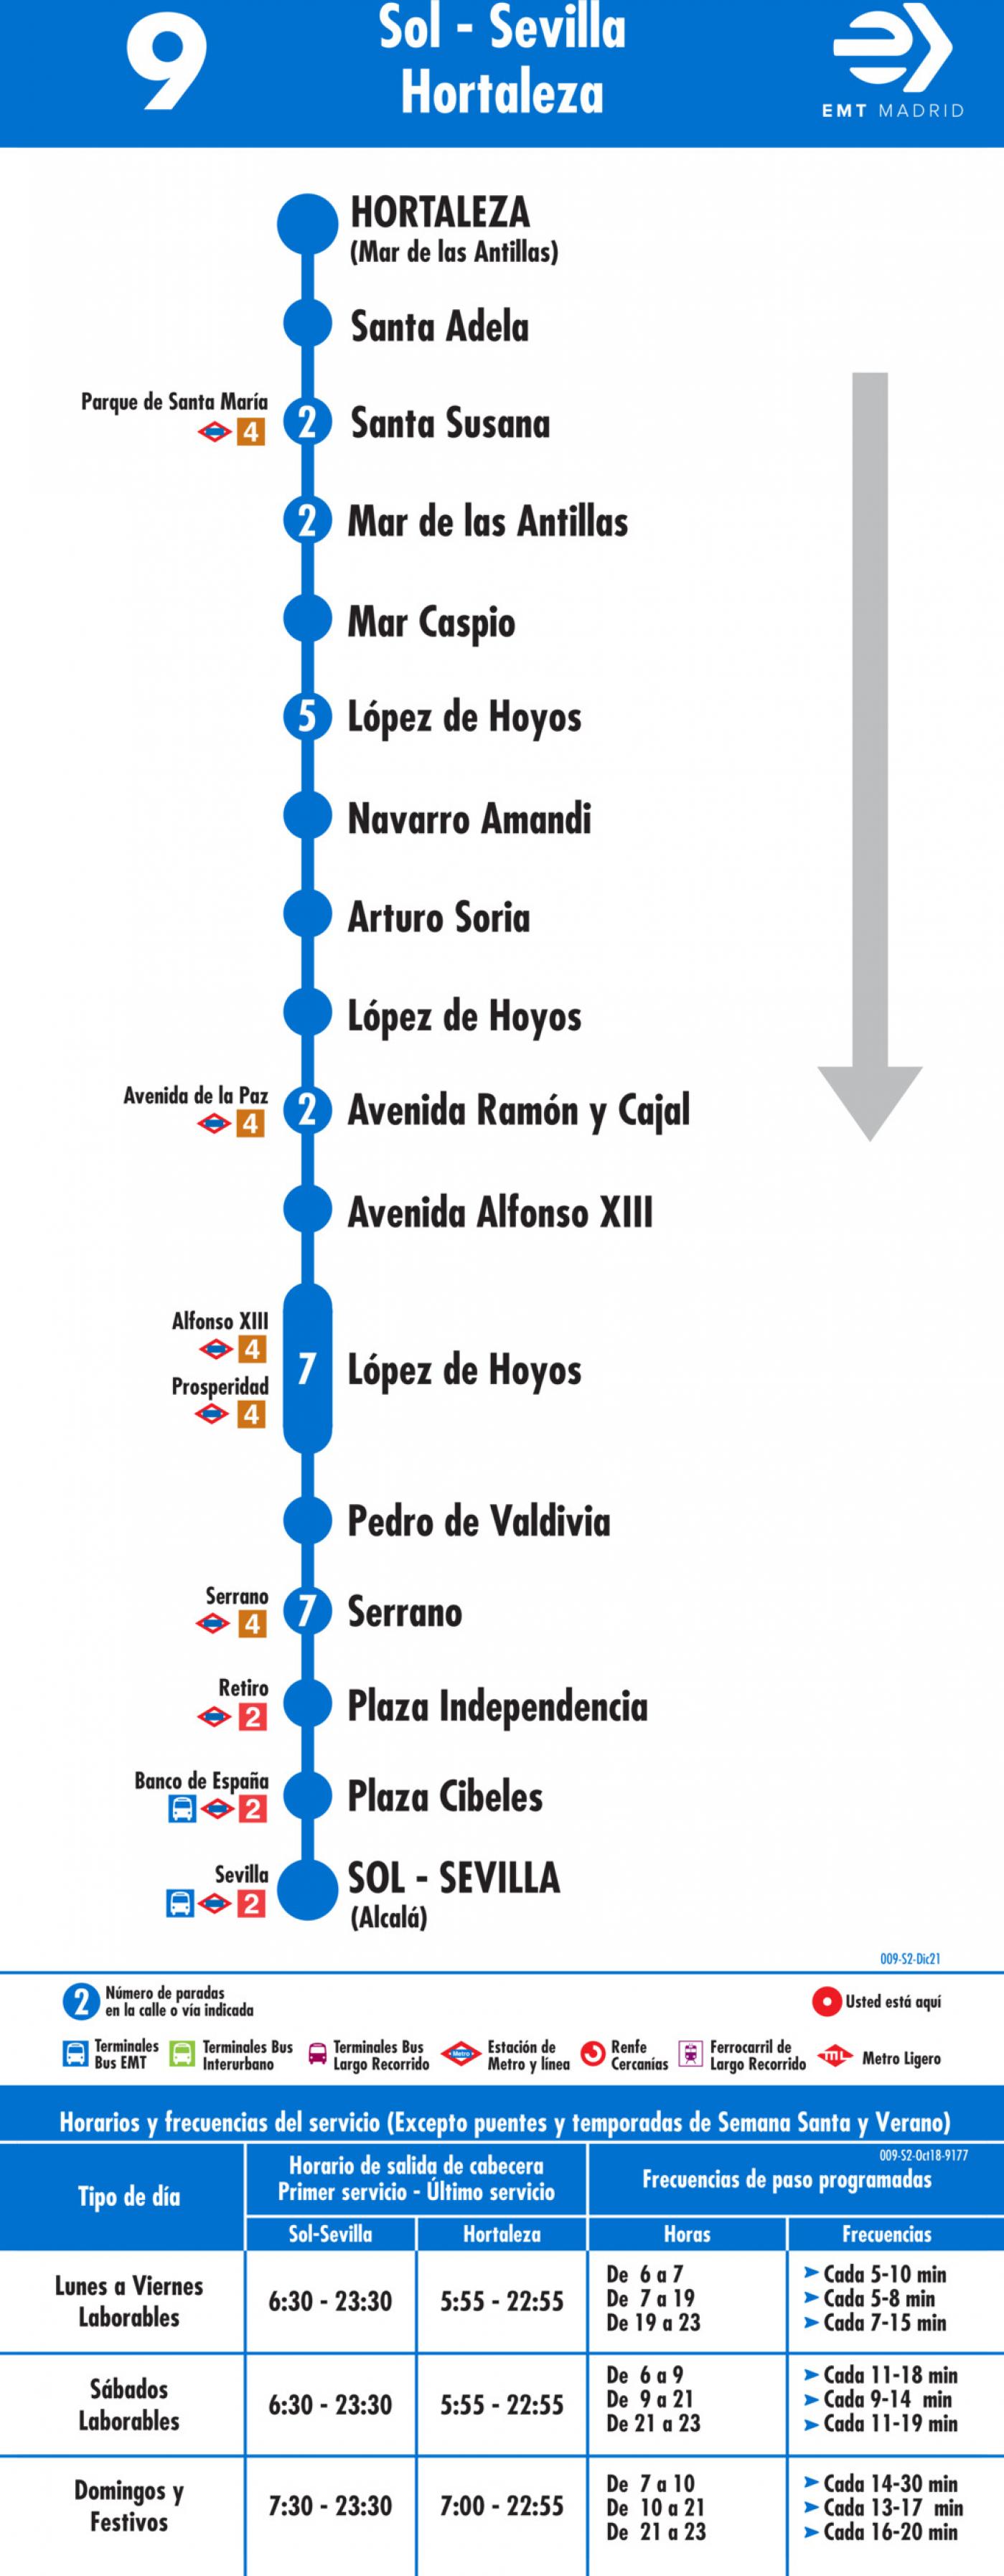 Tabla de horarios y frecuencias de paso en sentido vuelta Línea 9: Sevilla - Hortaleza